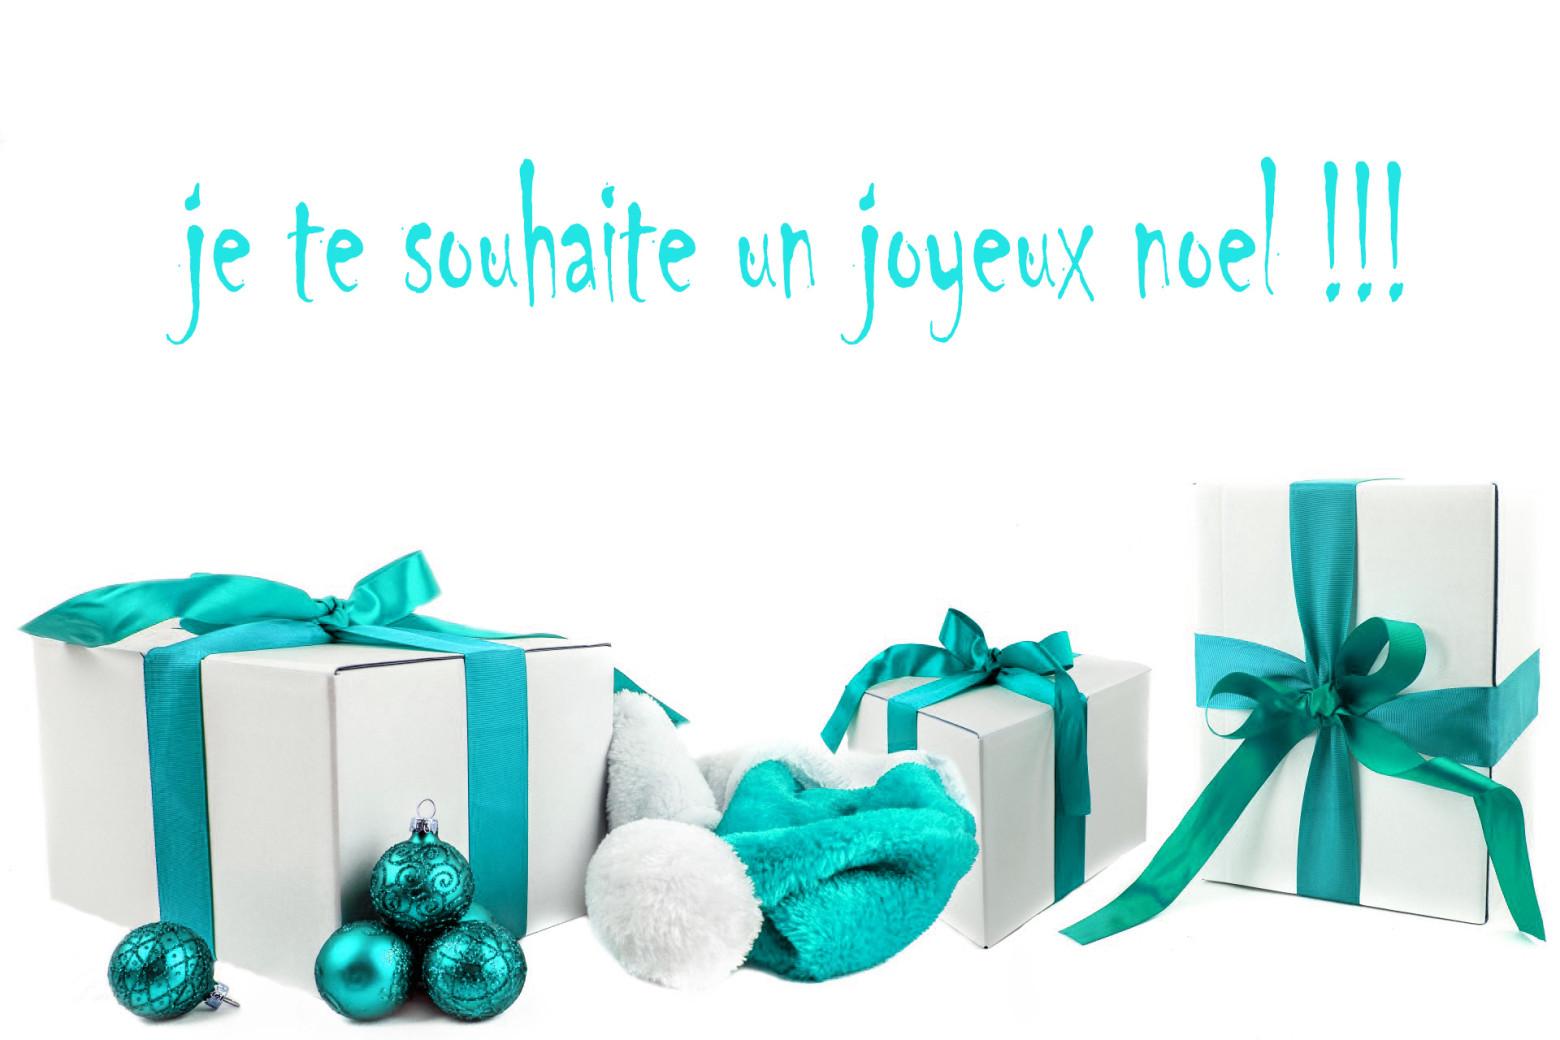 Joyeux Noel Carte De Voeux Gratuites Images Gratuites Et